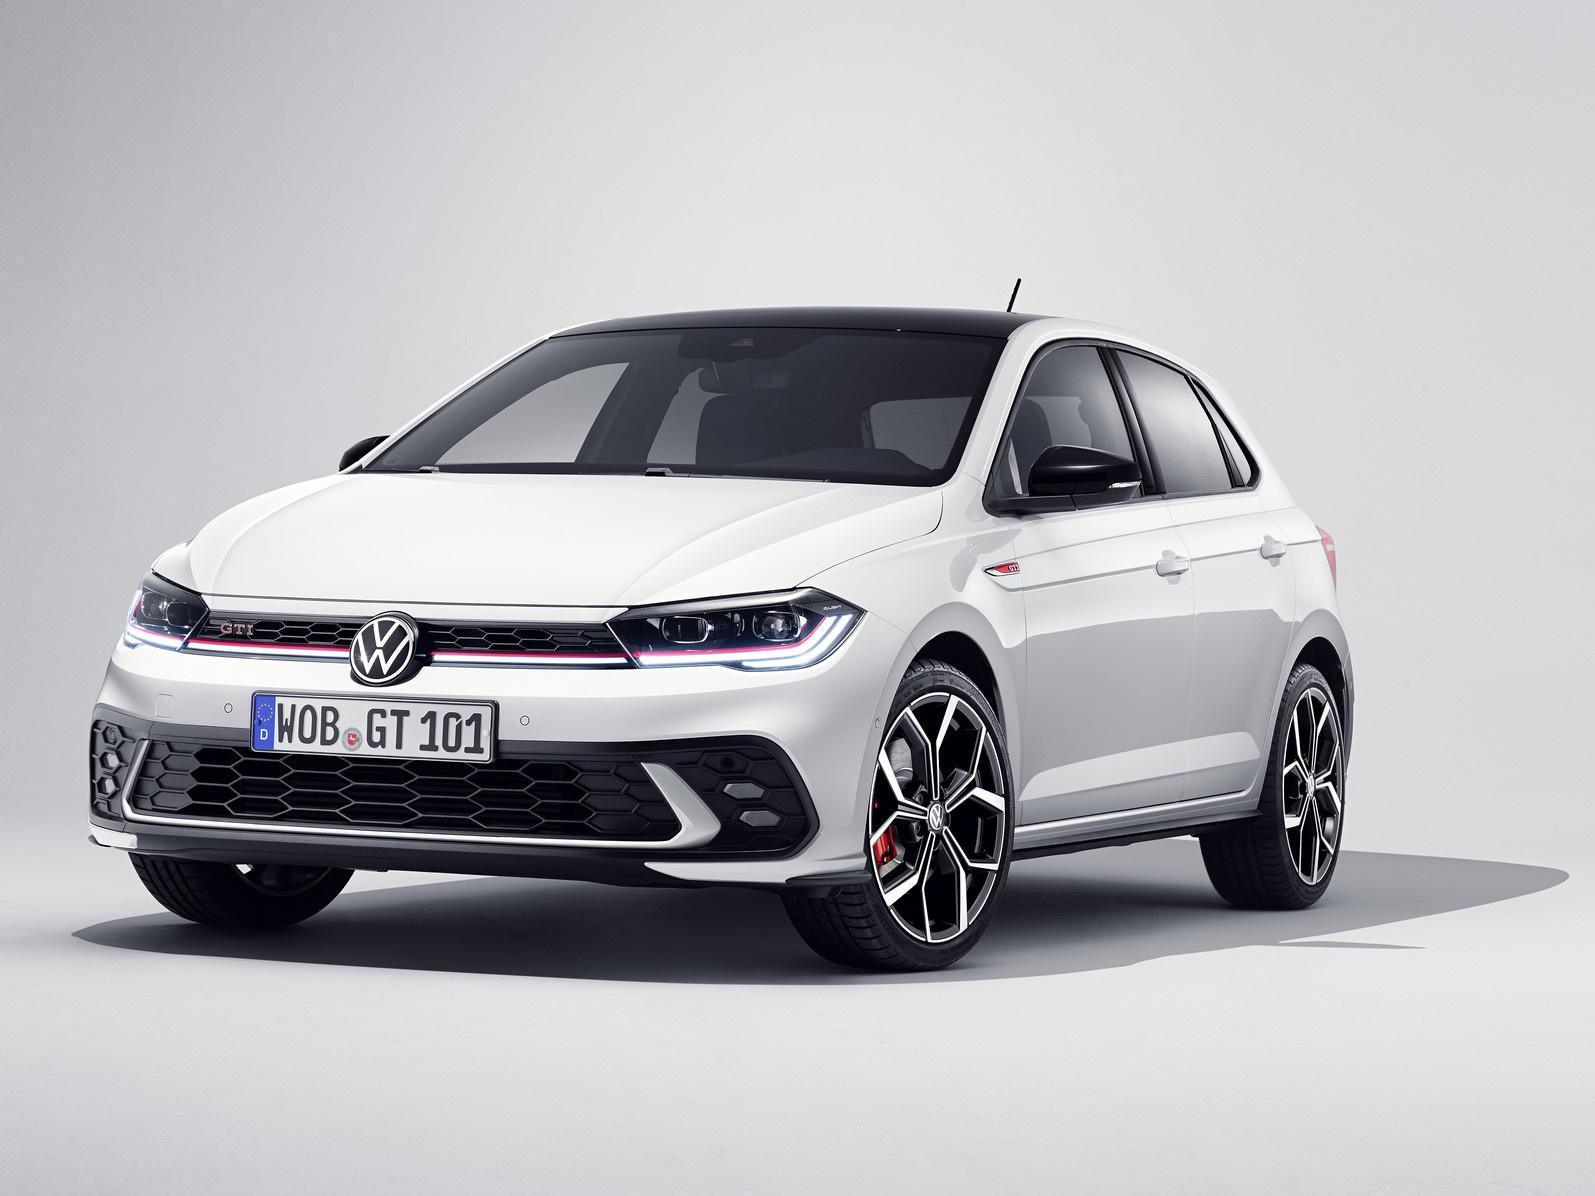 Volkswagen Polo GTI přijde na 670 900 Kč a stovku umí za 6,5 sekundy